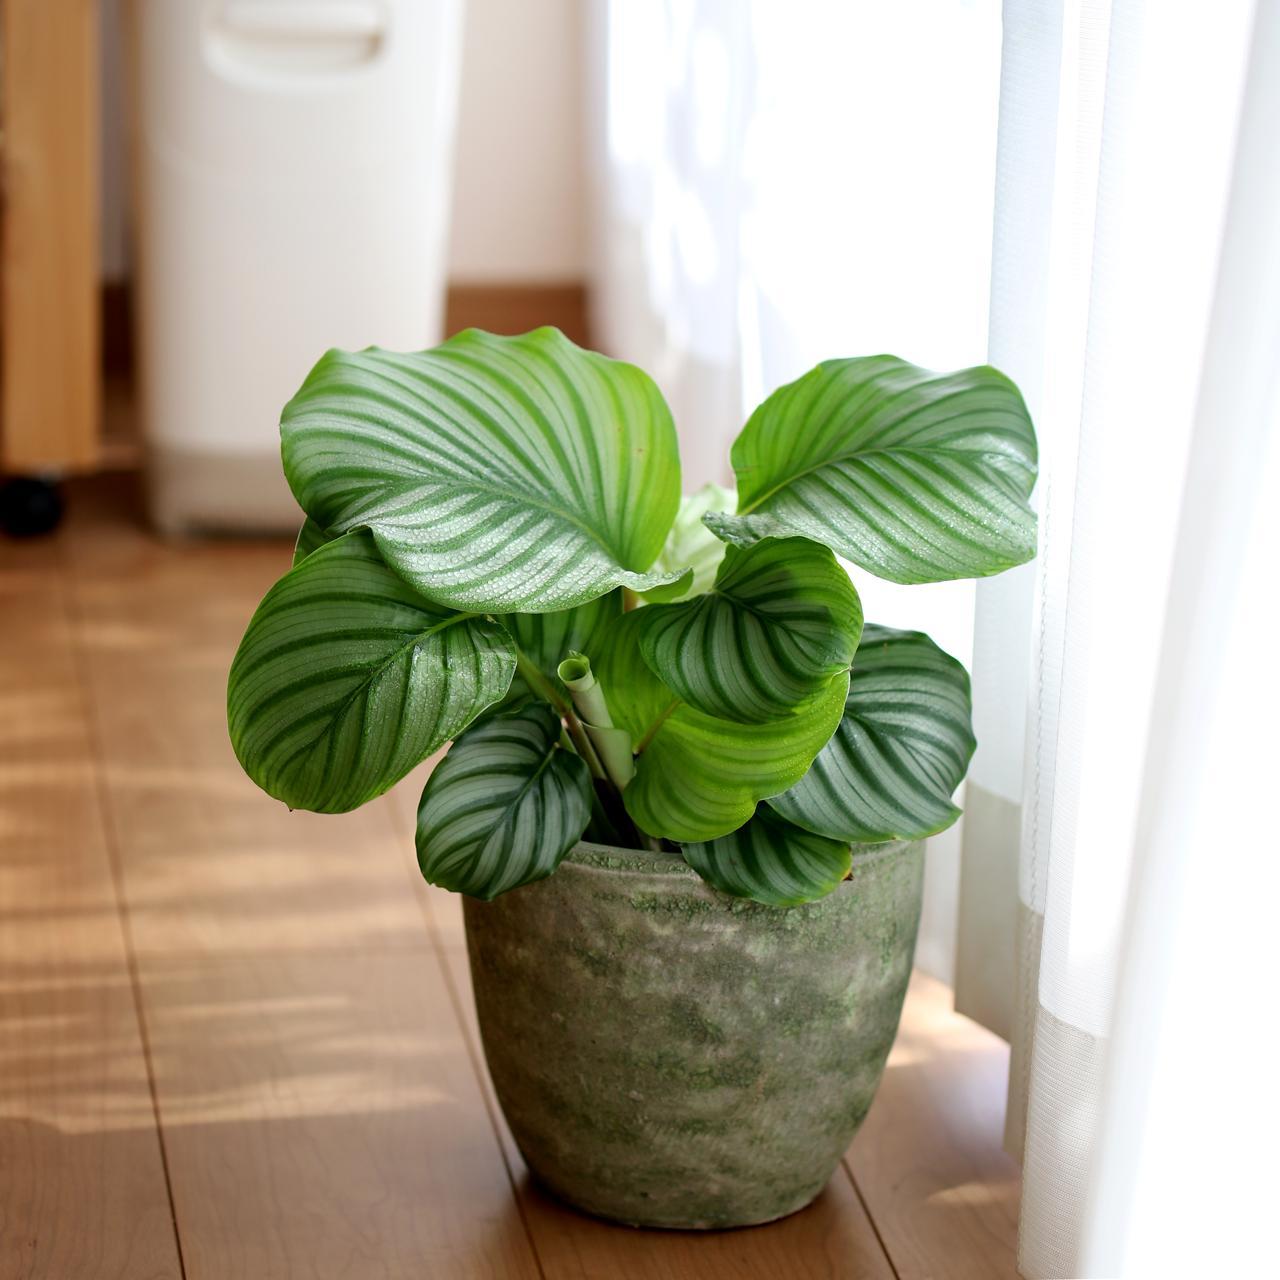 この季節、どこか気ぜわしい雰囲気を心地よく。おすすめ観葉植物なら